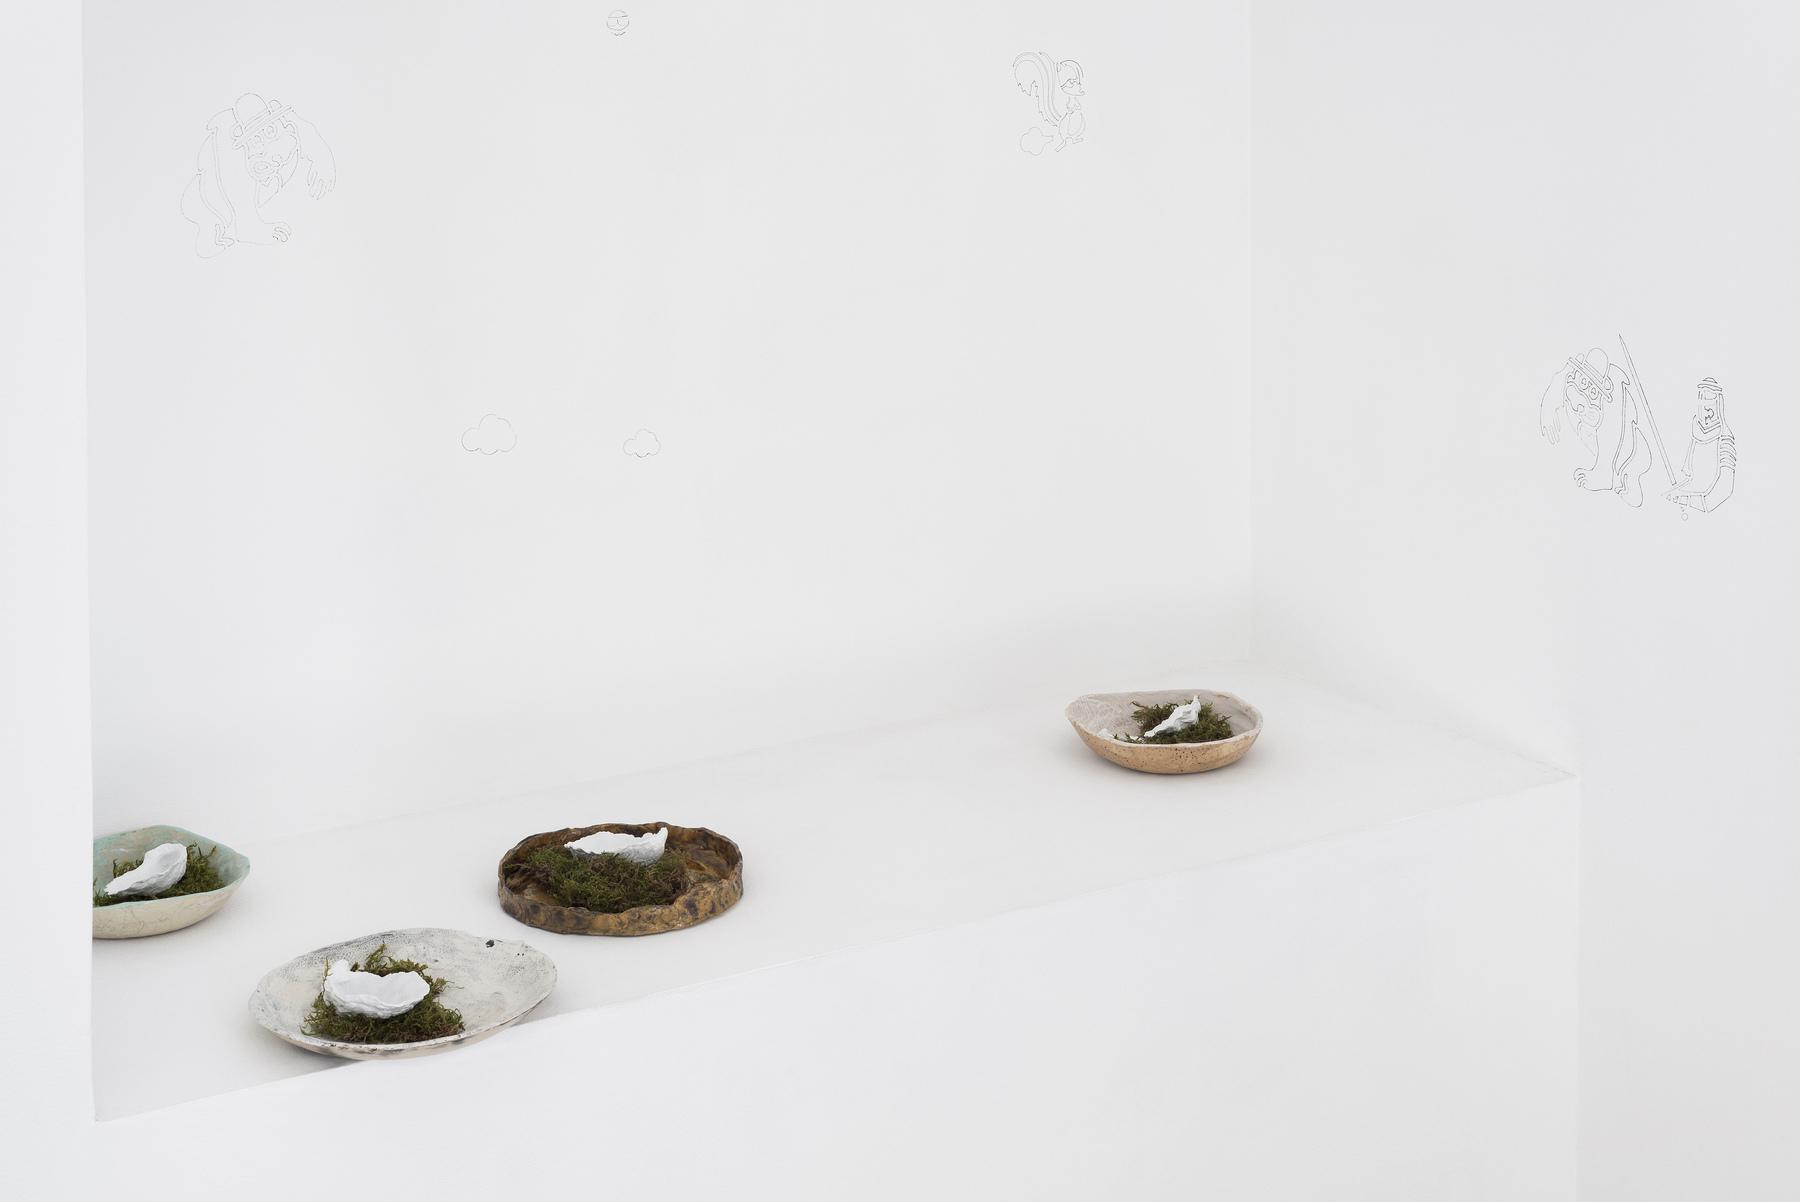 05 - Ratatouille Shanaynay-0350_hr_4000px - Credit Alexander Nussbaumer